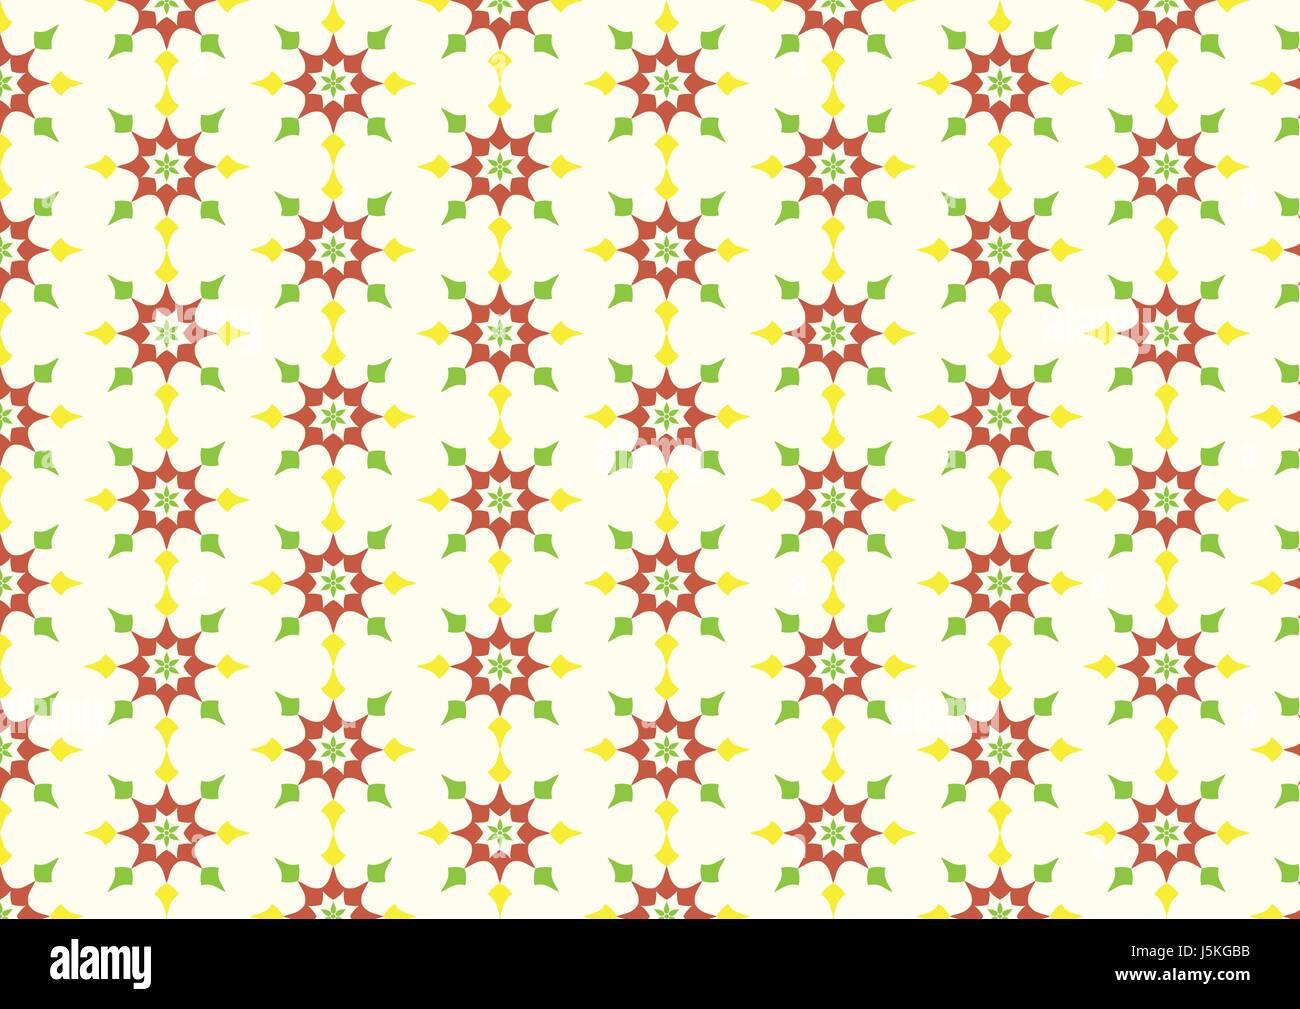 vintage blte und abstrakte pfeil form oder stern muster auf gelben hintergrund klassische und se sterne musterdesign stil fr liebe und se d - Stern Muster